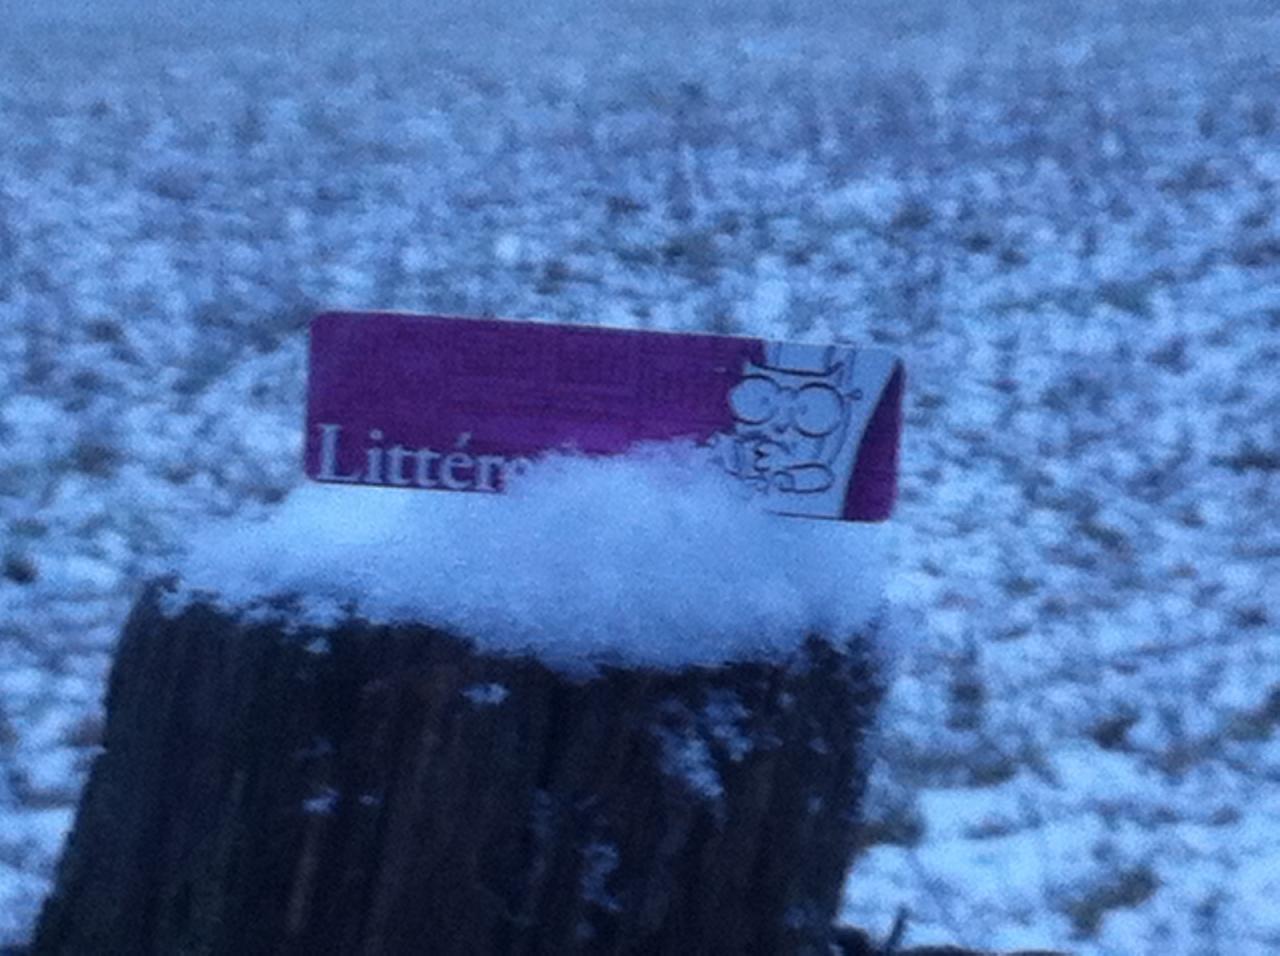 Les petites chouettes sous la neige